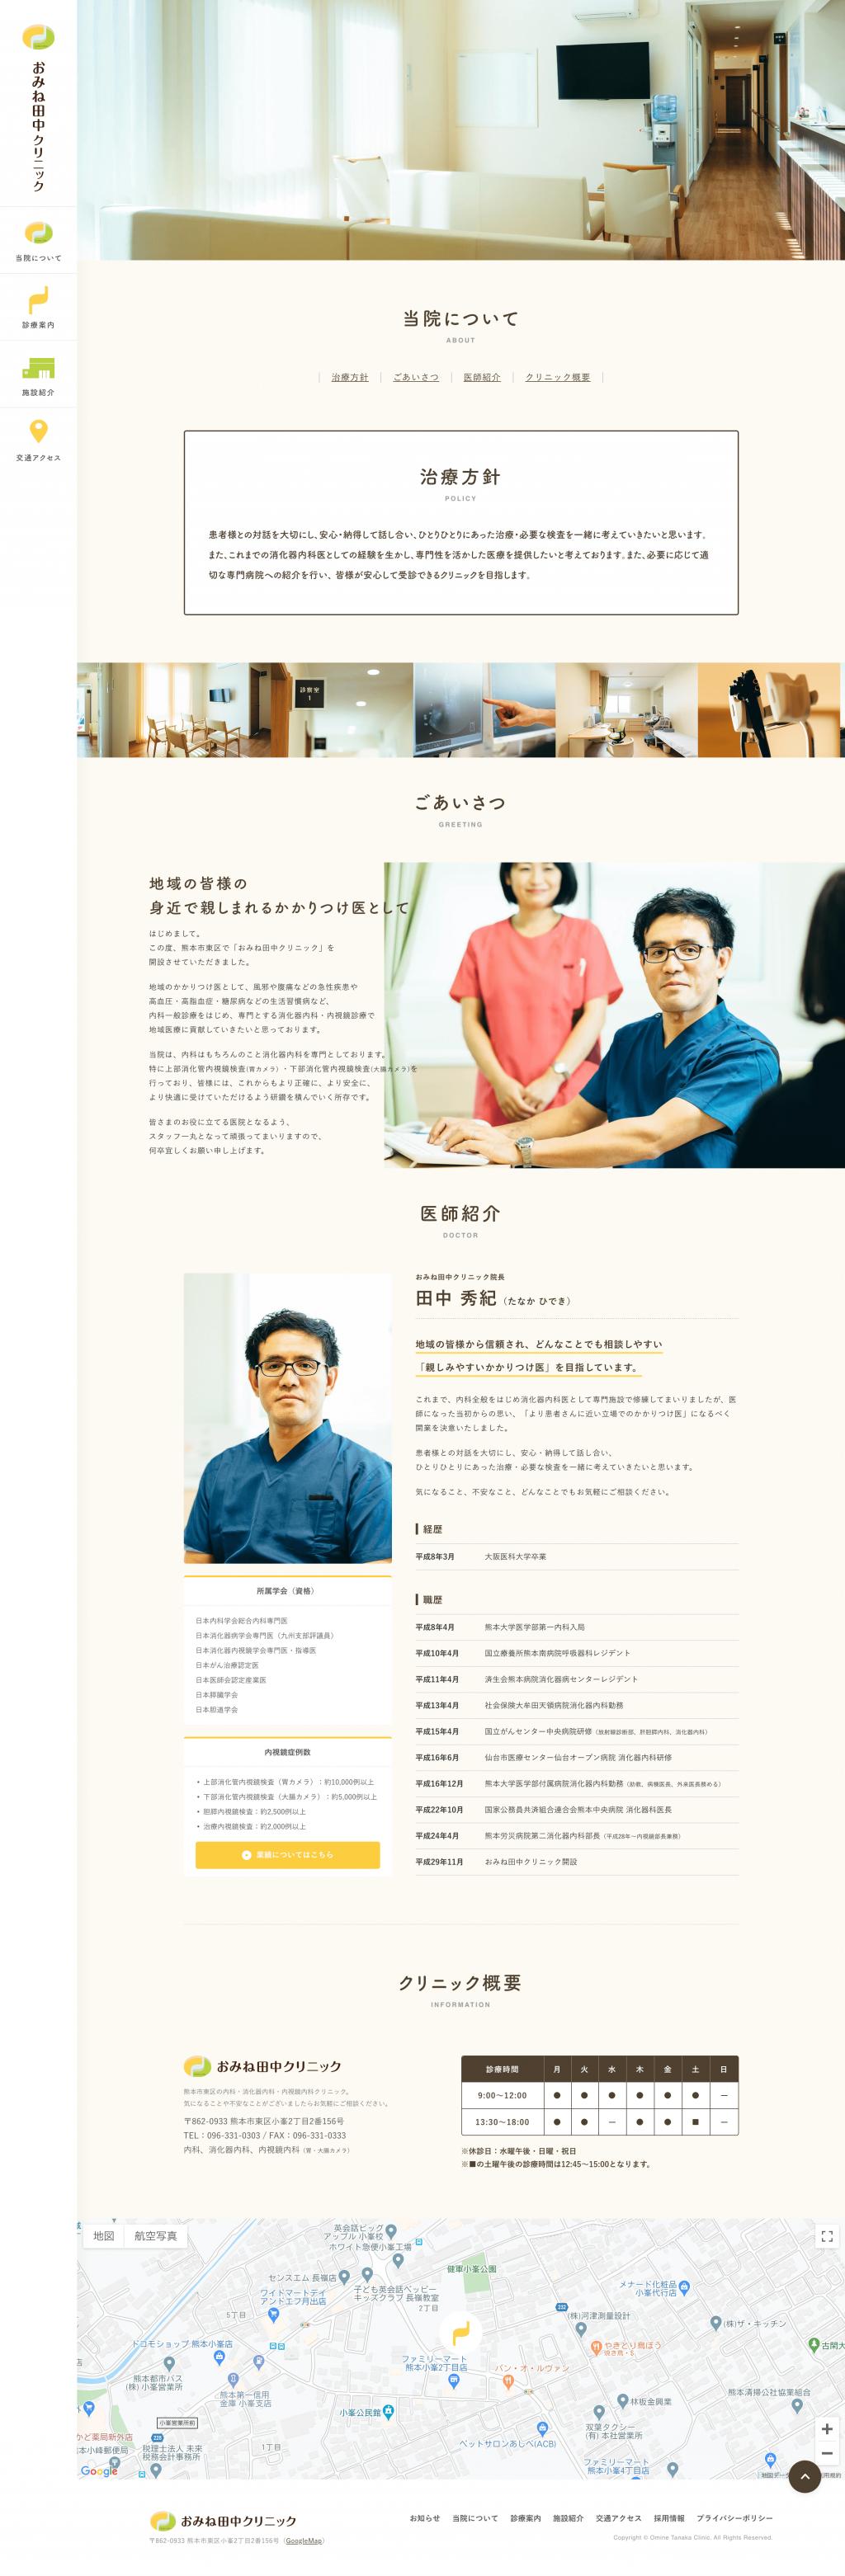 おみね田中クリニックサイトのパソコン表示